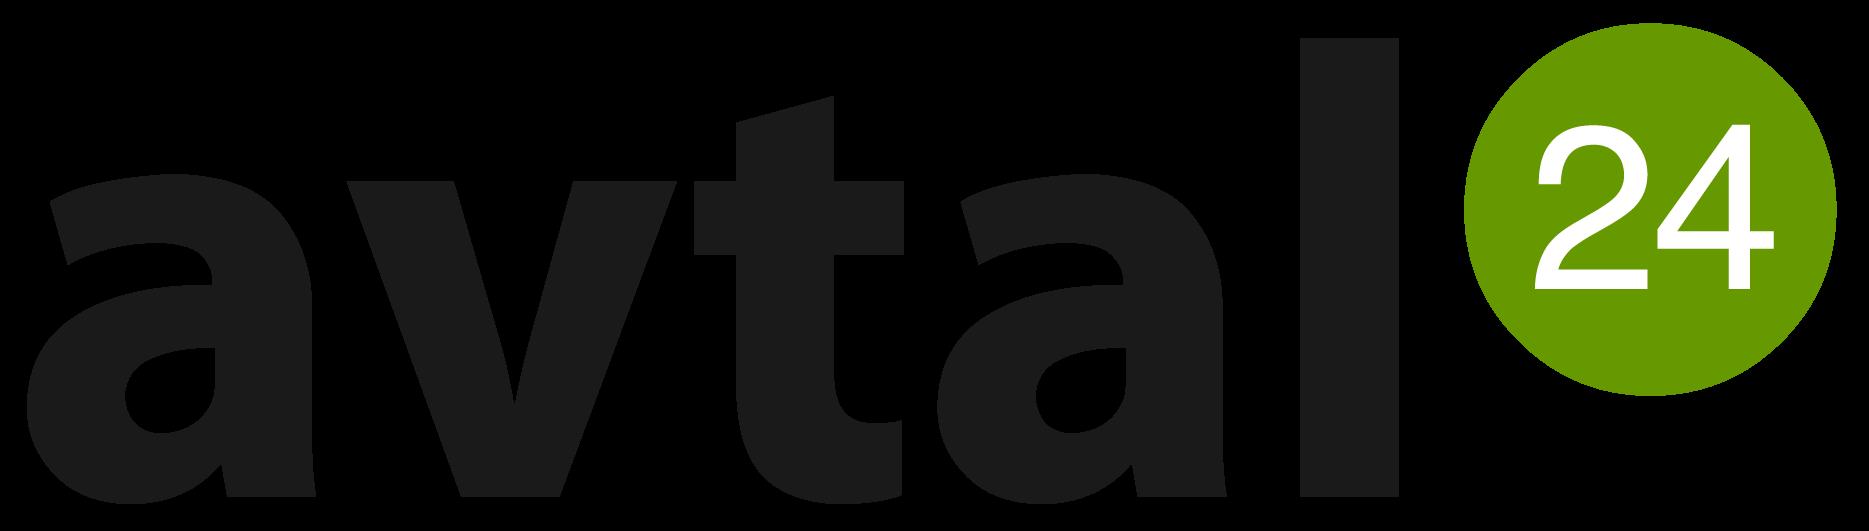 Avtal24